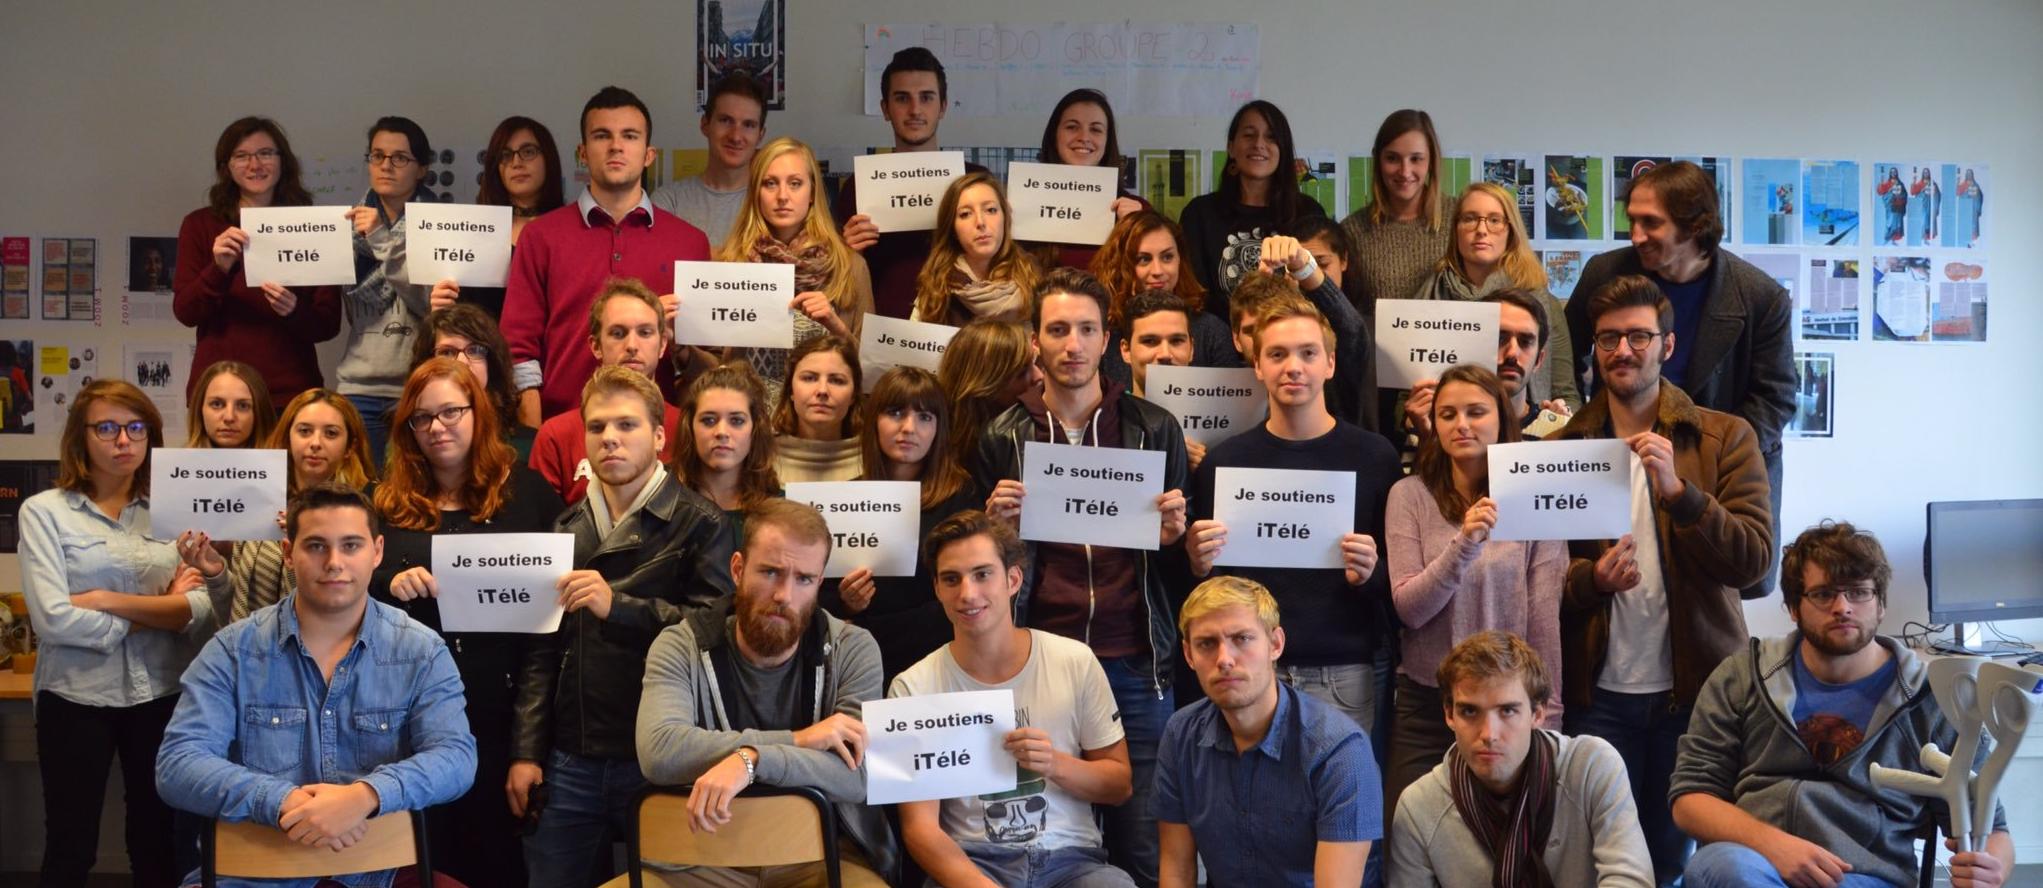 Les étudiants de l'EJdG soutiennent iTélé